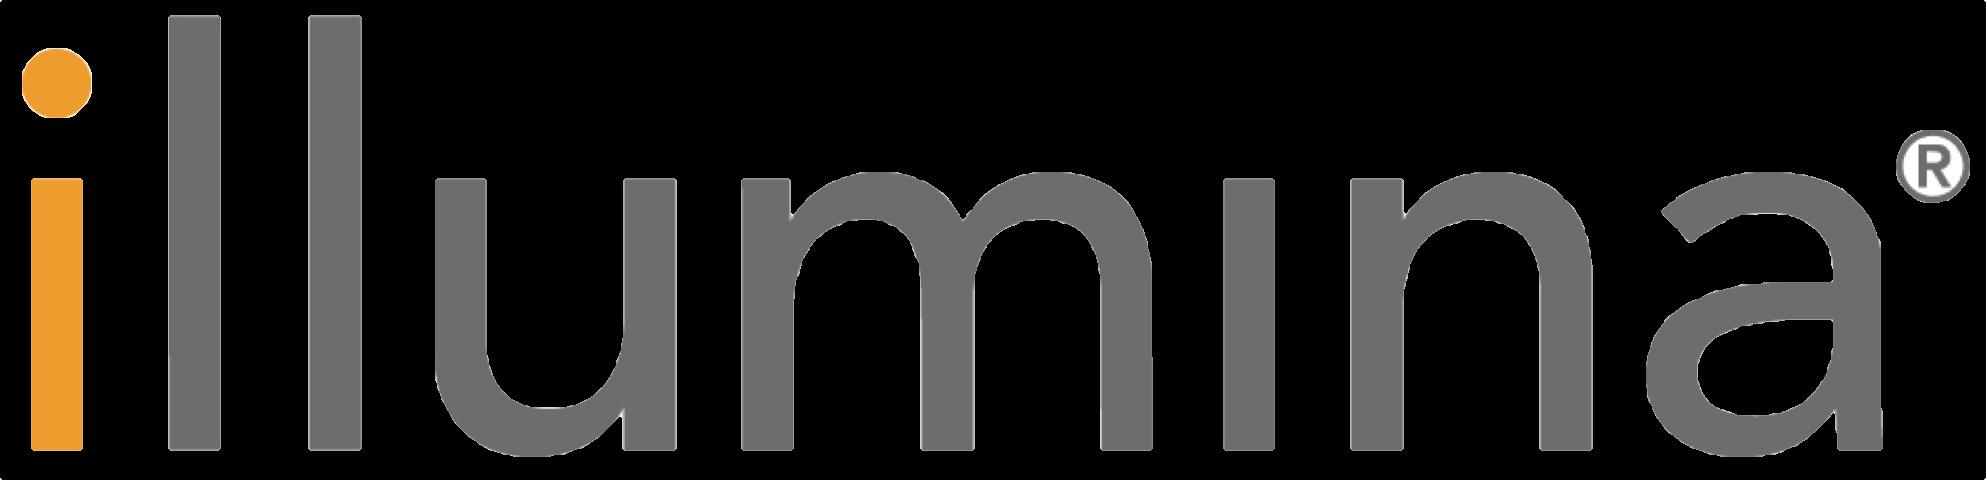 Логотип Illumina